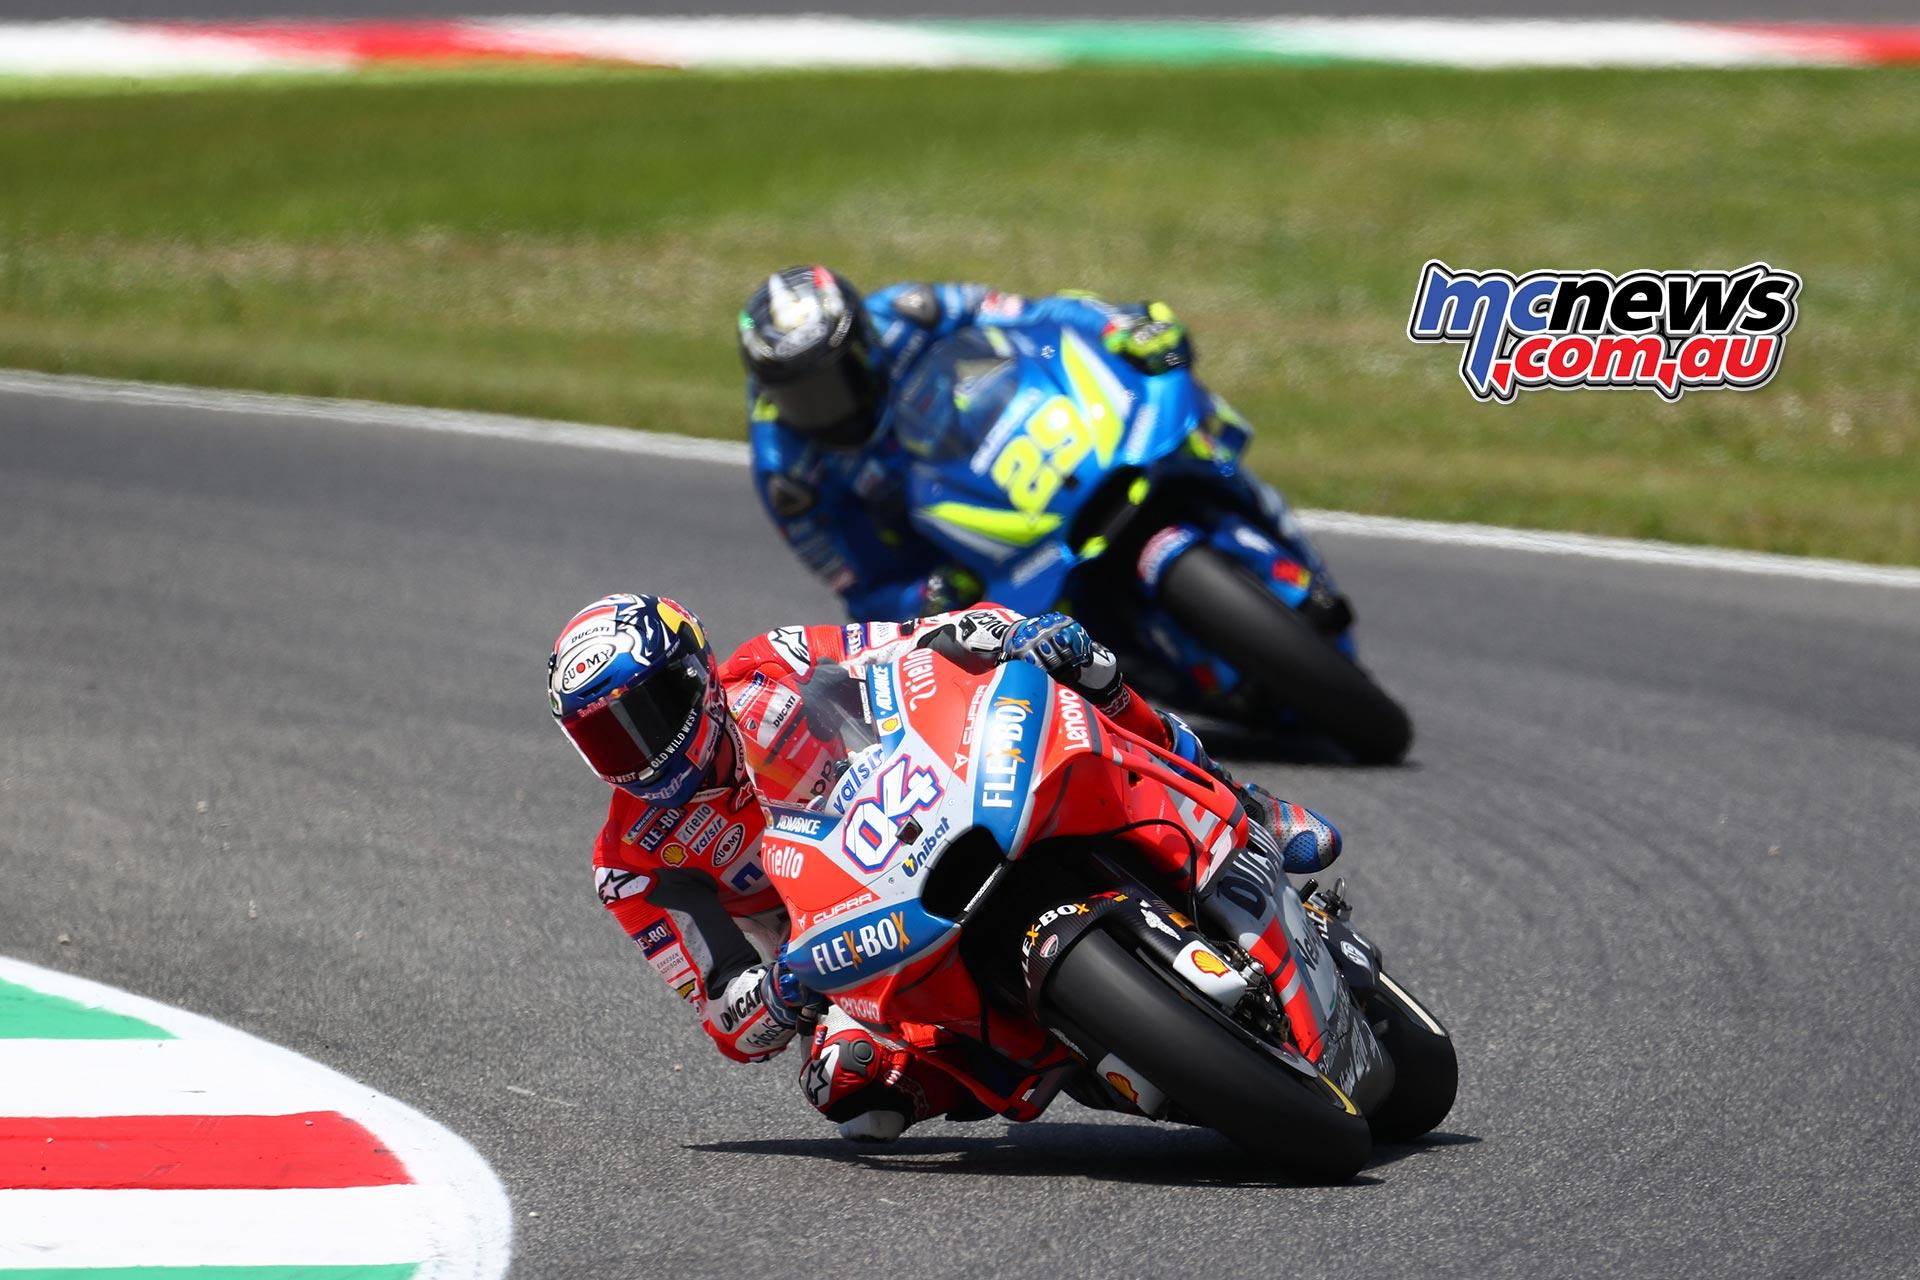 Andrea Dovizioso - Mugello MotoGP 2018